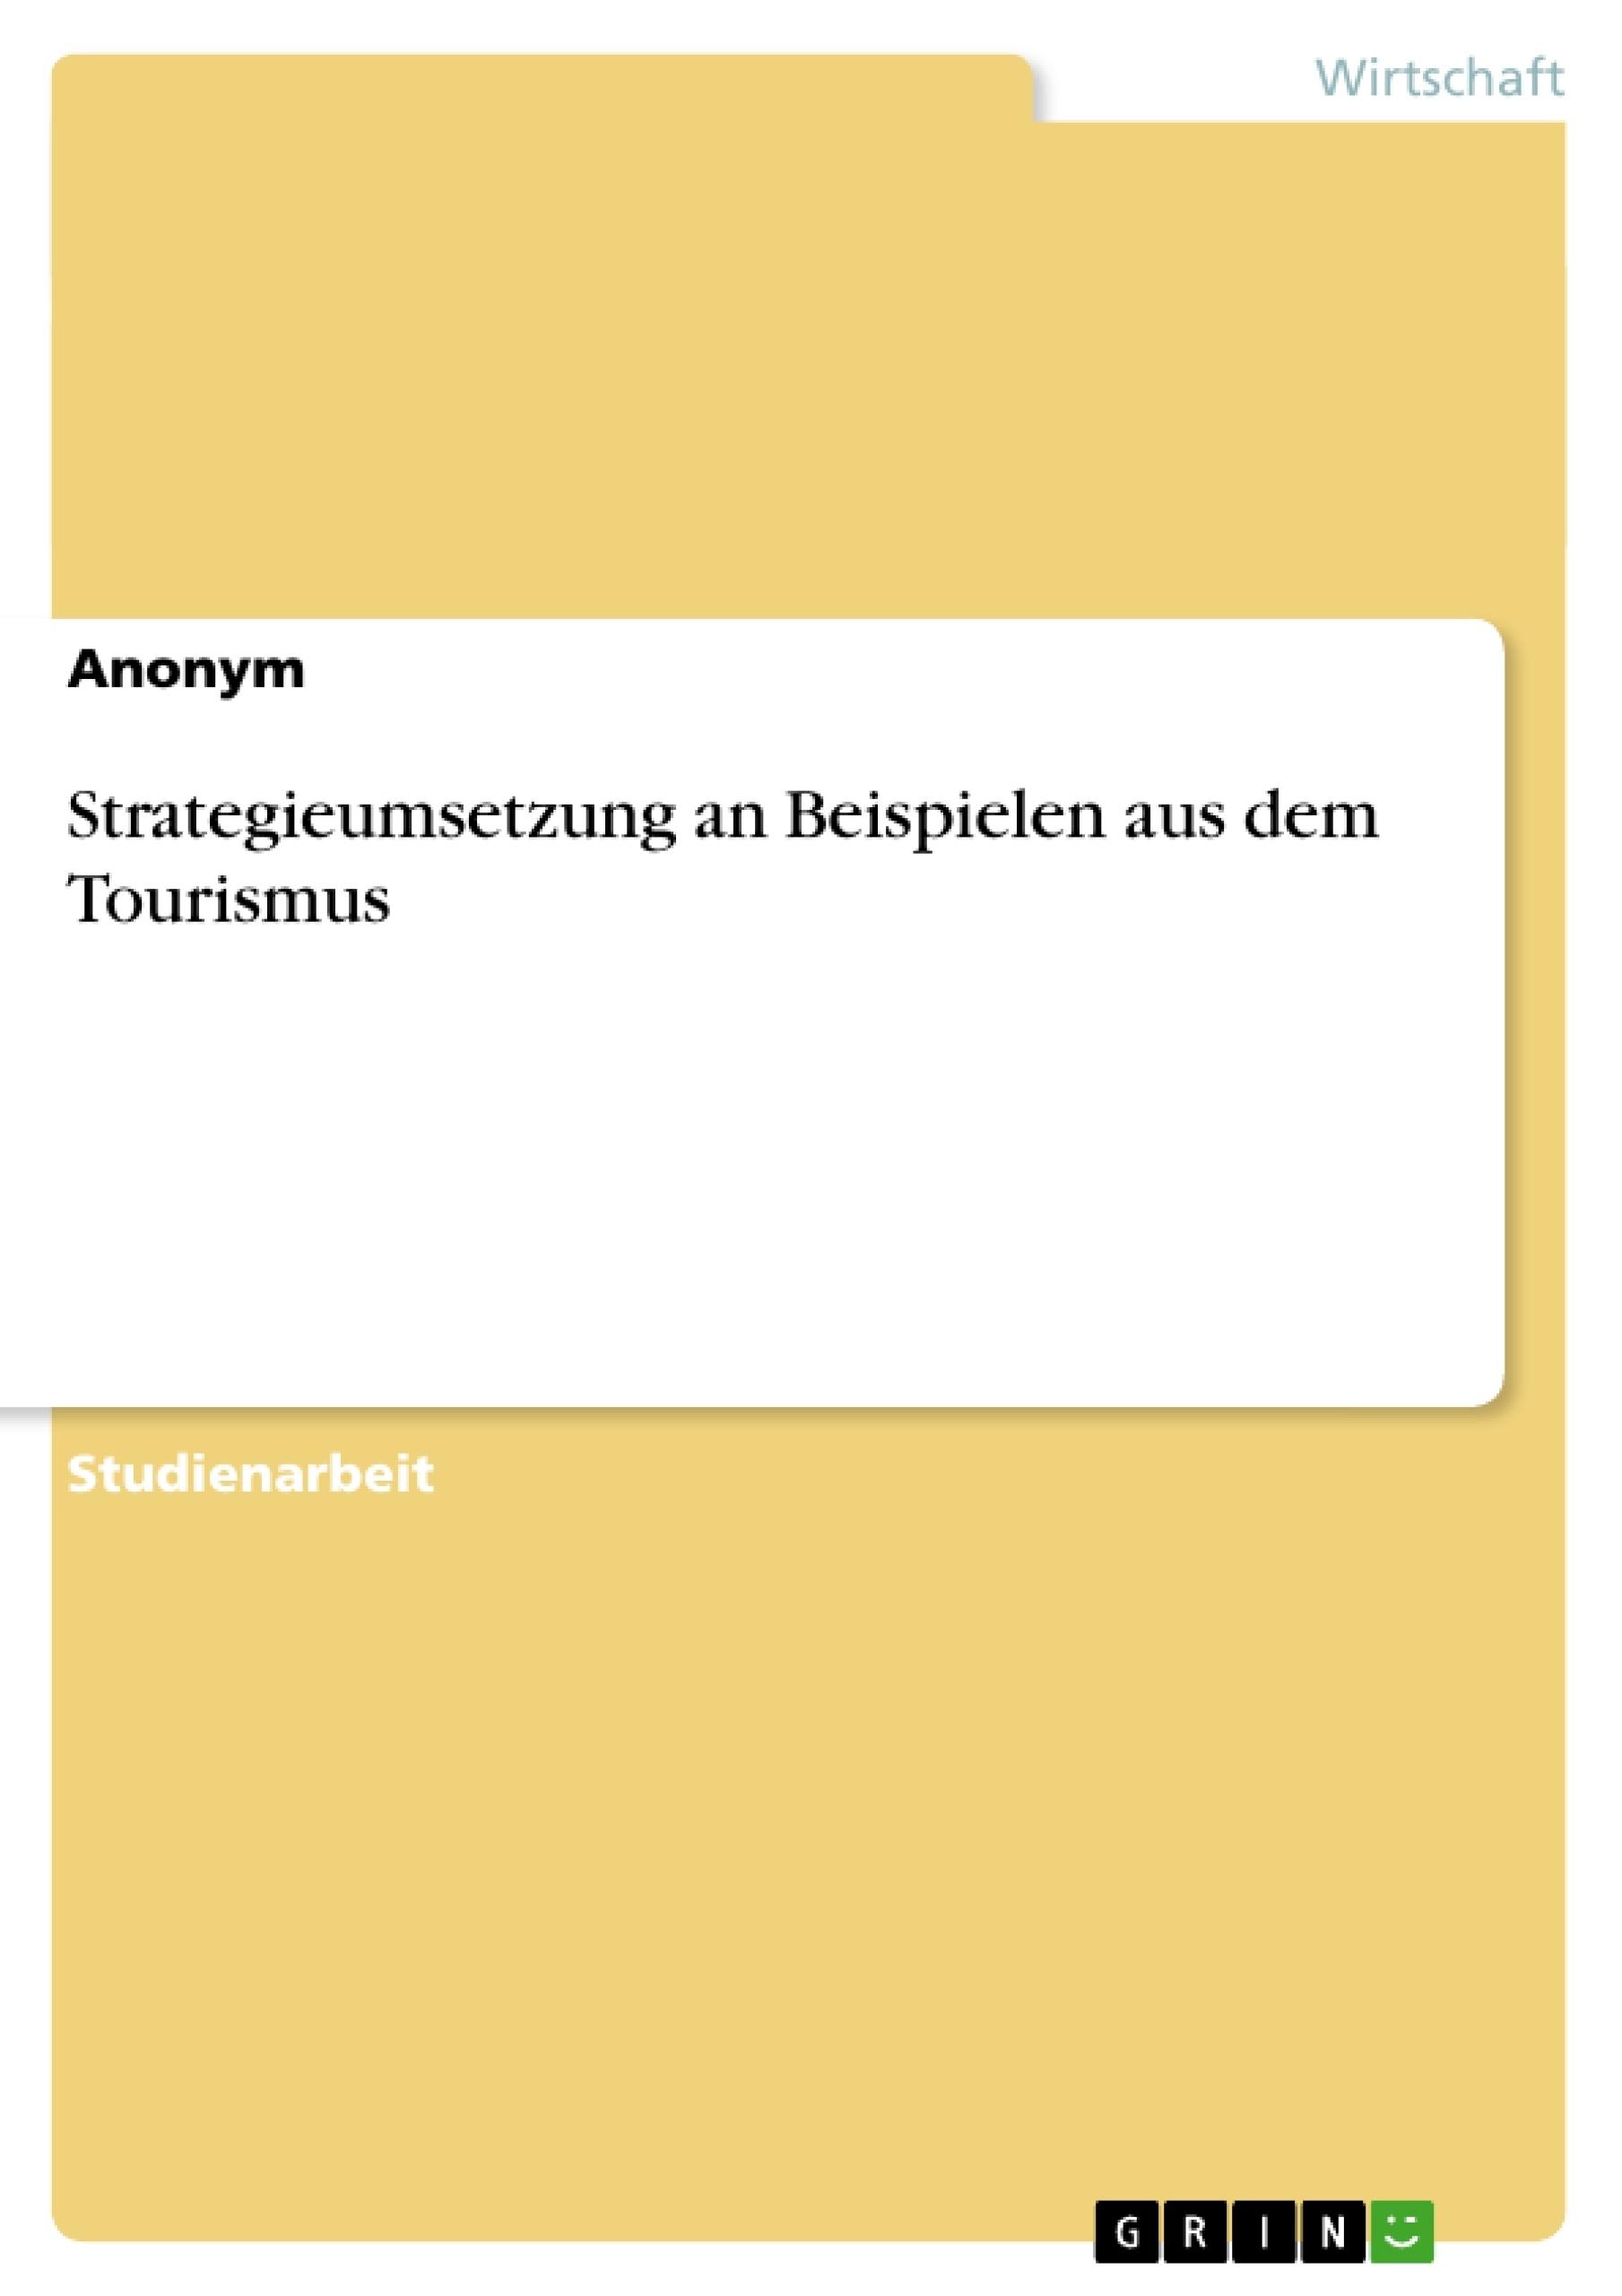 Titel: Strategieumsetzung an Beispielen aus dem Tourismus